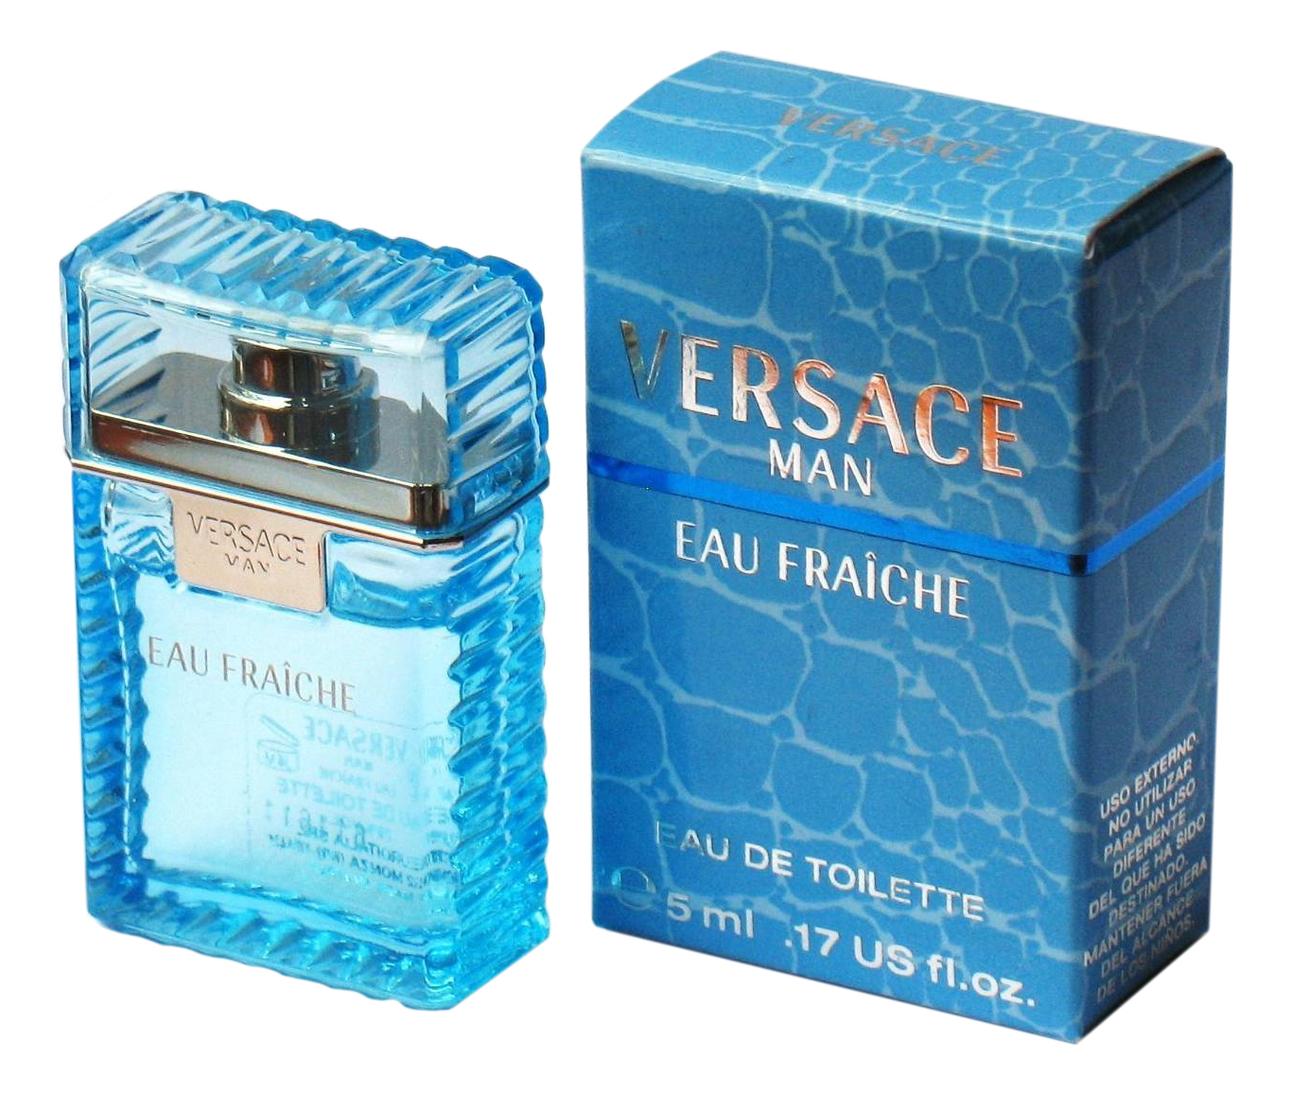 Фото - Versace Eau Fraiche Man: туалетная вода 5мл versace eau fraiche туалетная вода 30 мл